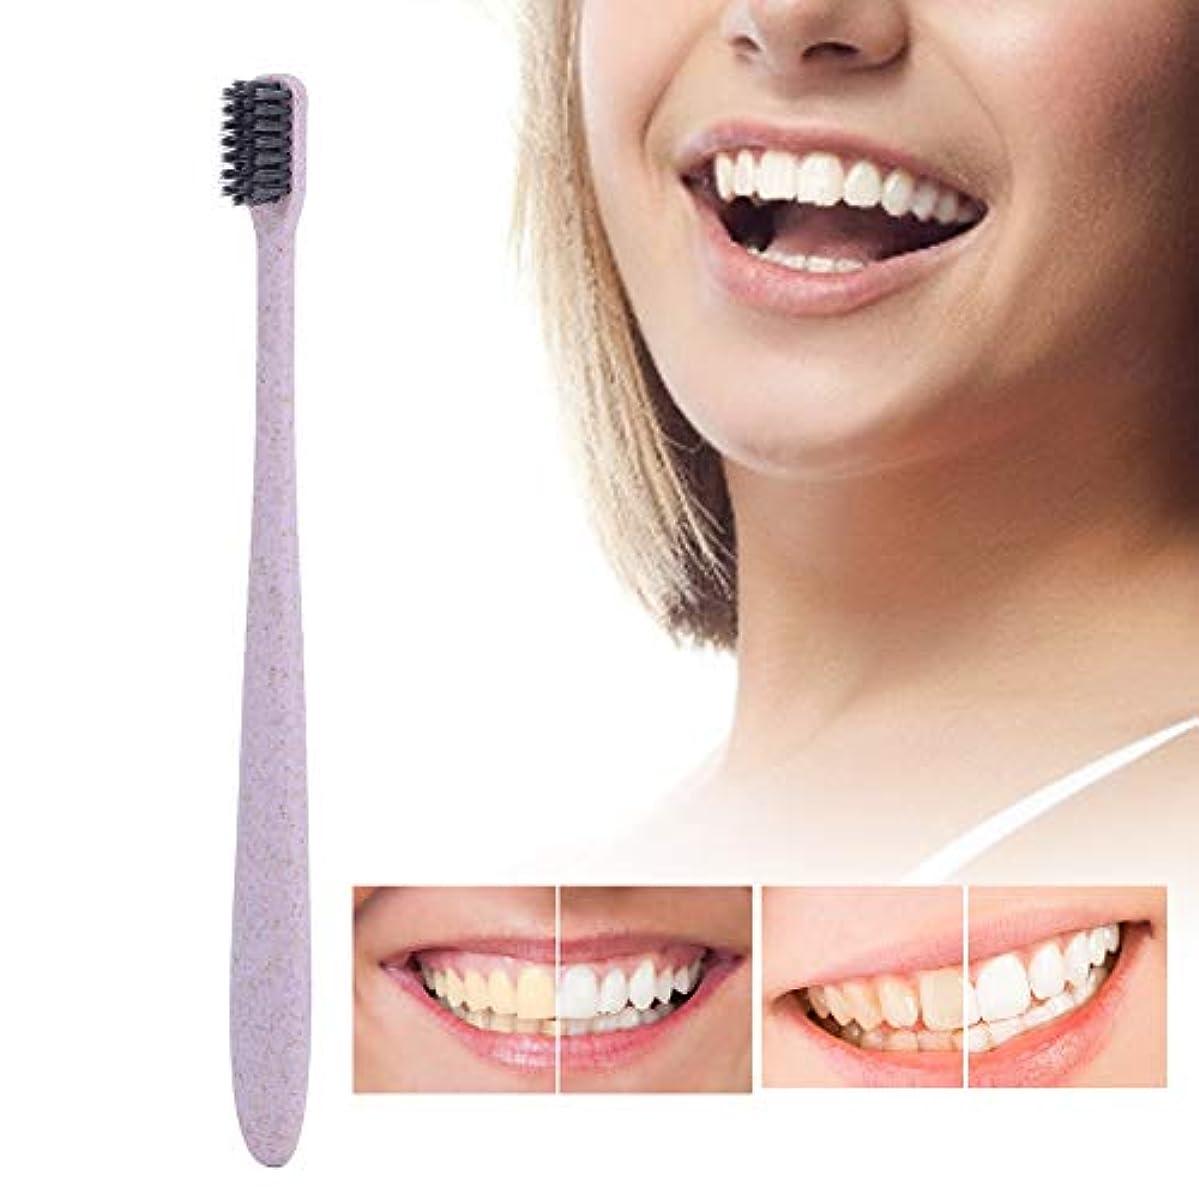 安全でないセットアップ今晩10ピース歯ブラシ、柔らかい竹炭ブラシ髪小麦ハンドル歯ブラシ大人の口腔ケア歯ブラシ